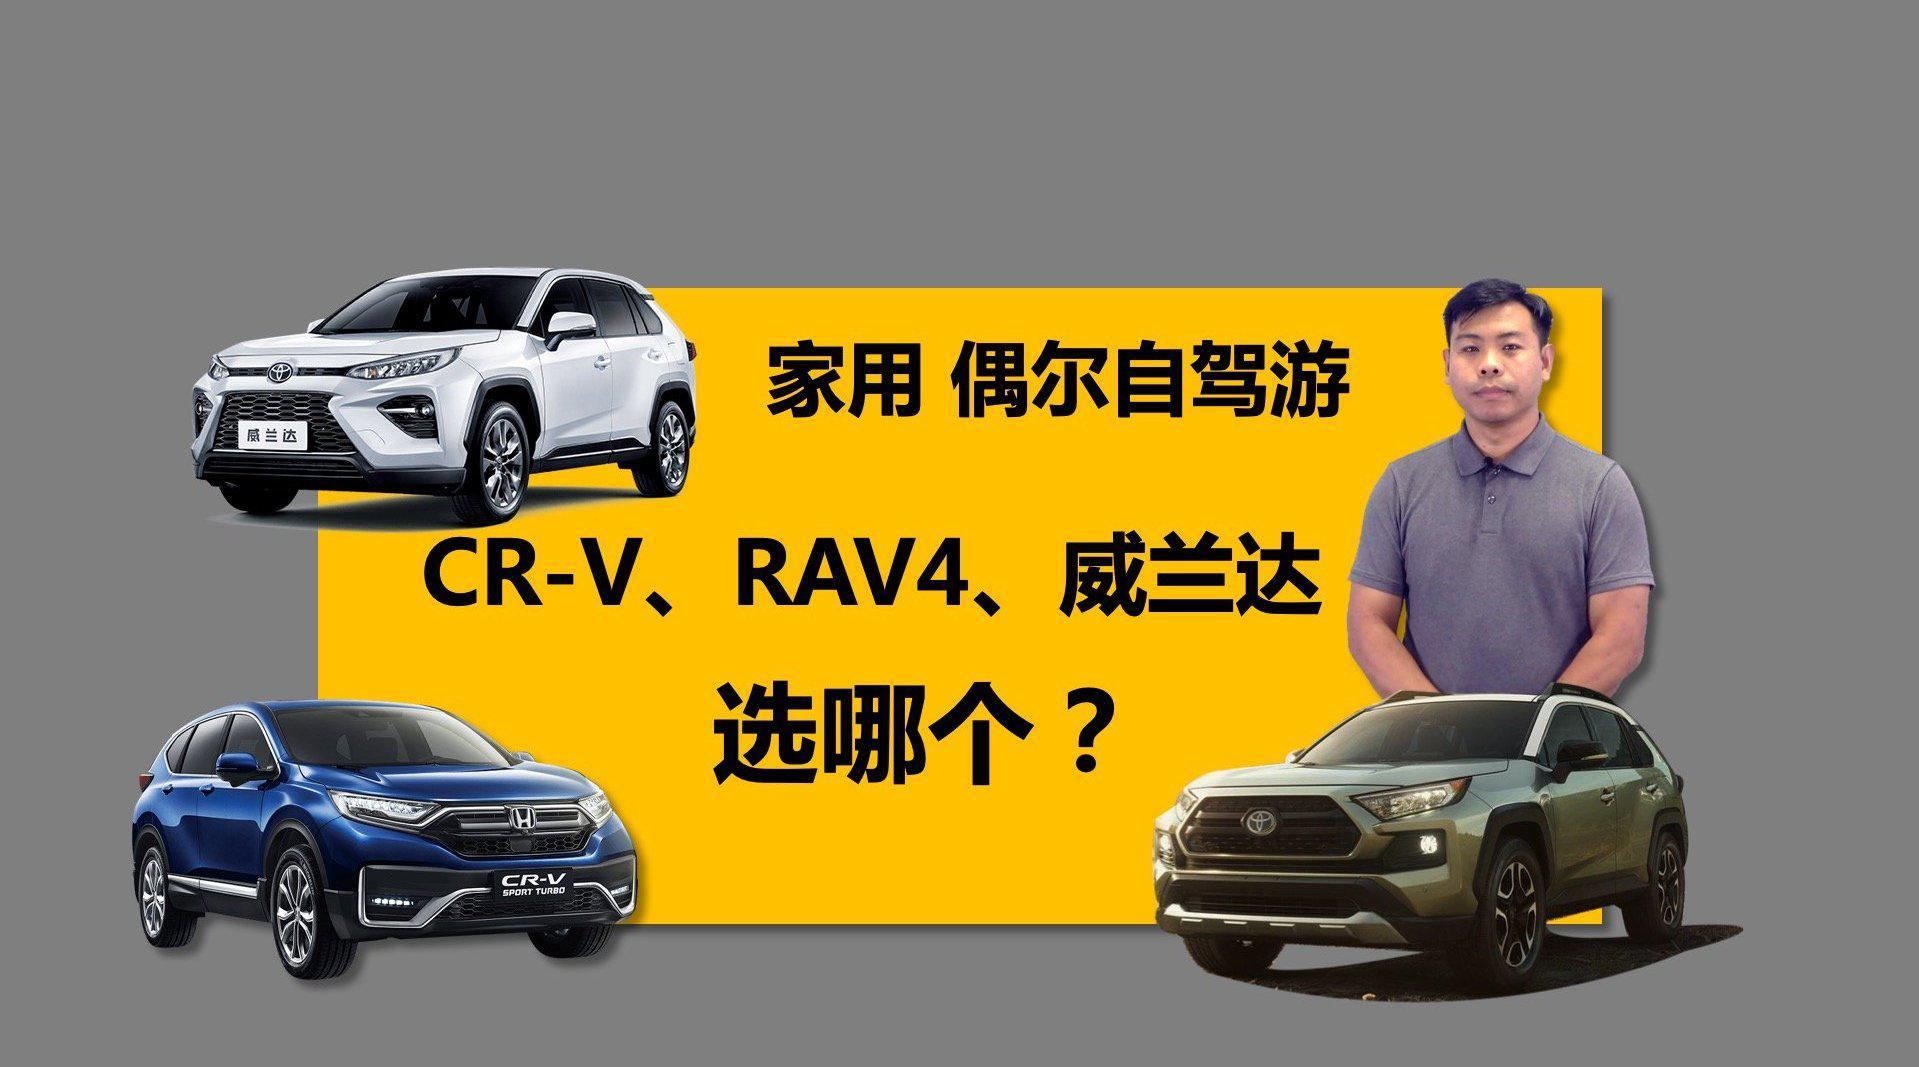 视频:有网友留言问:家用偶尔自驾,CR-V、RAV4、威兰达该选谁……